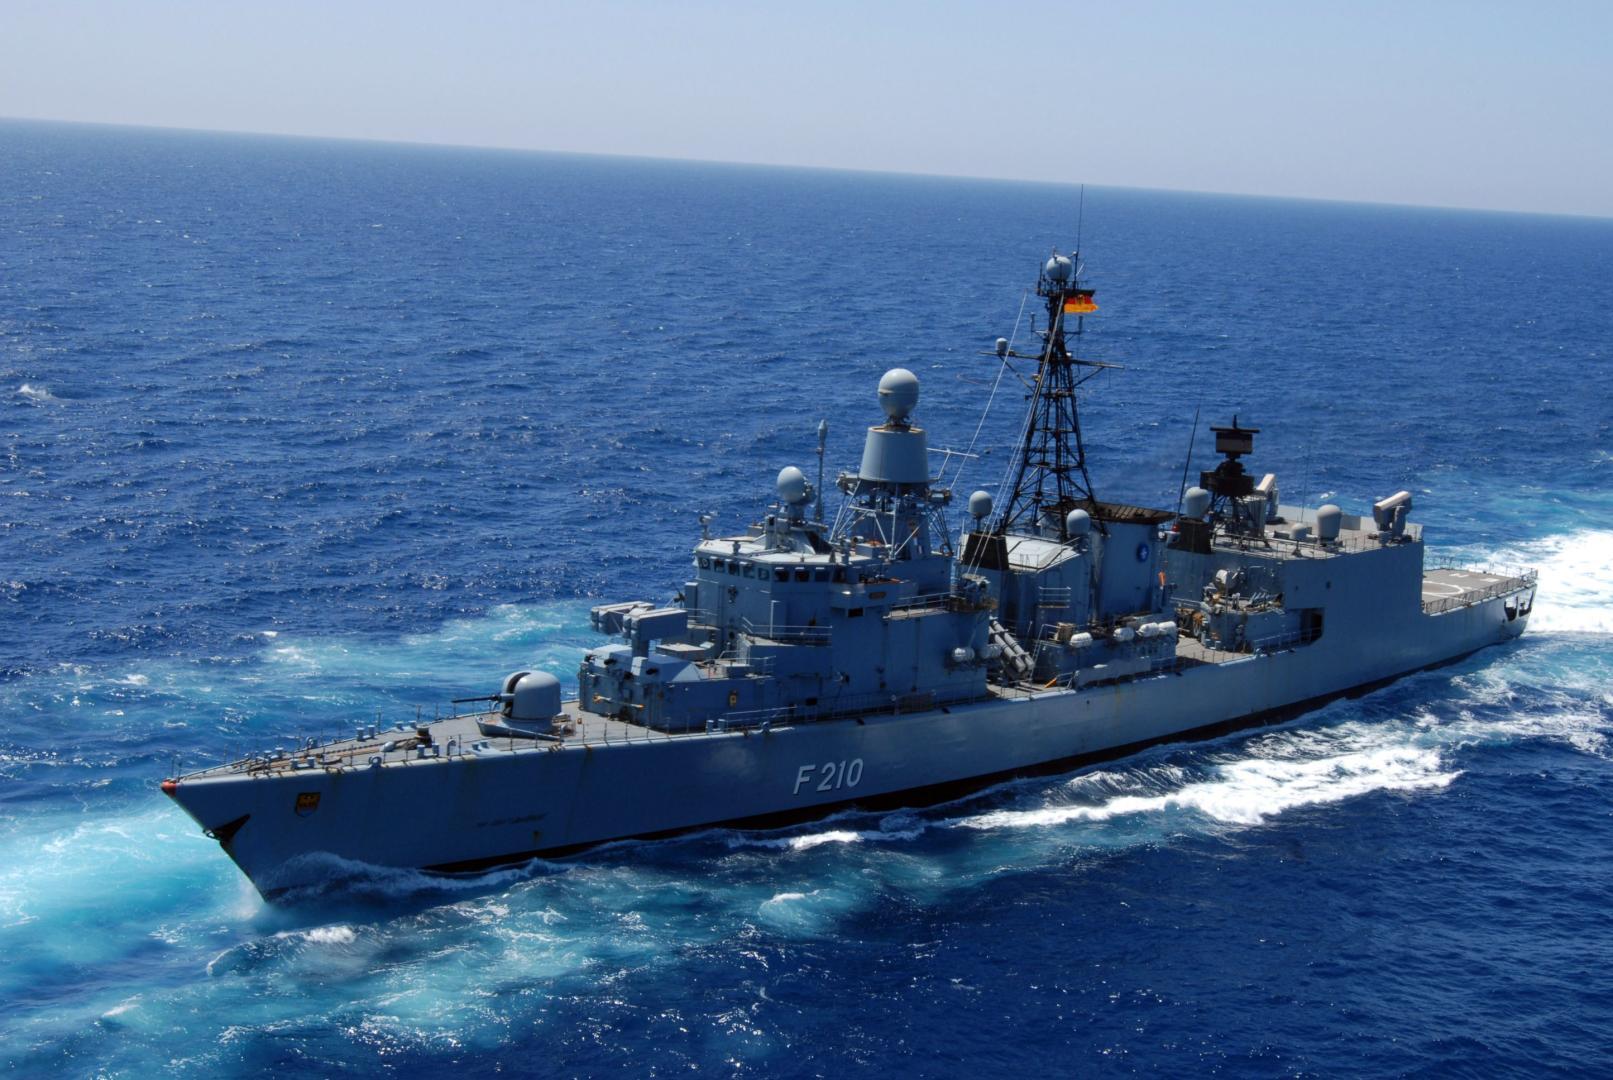 Germania-pregătită-să-trimită-nave-militare-în-Marea-Neagră